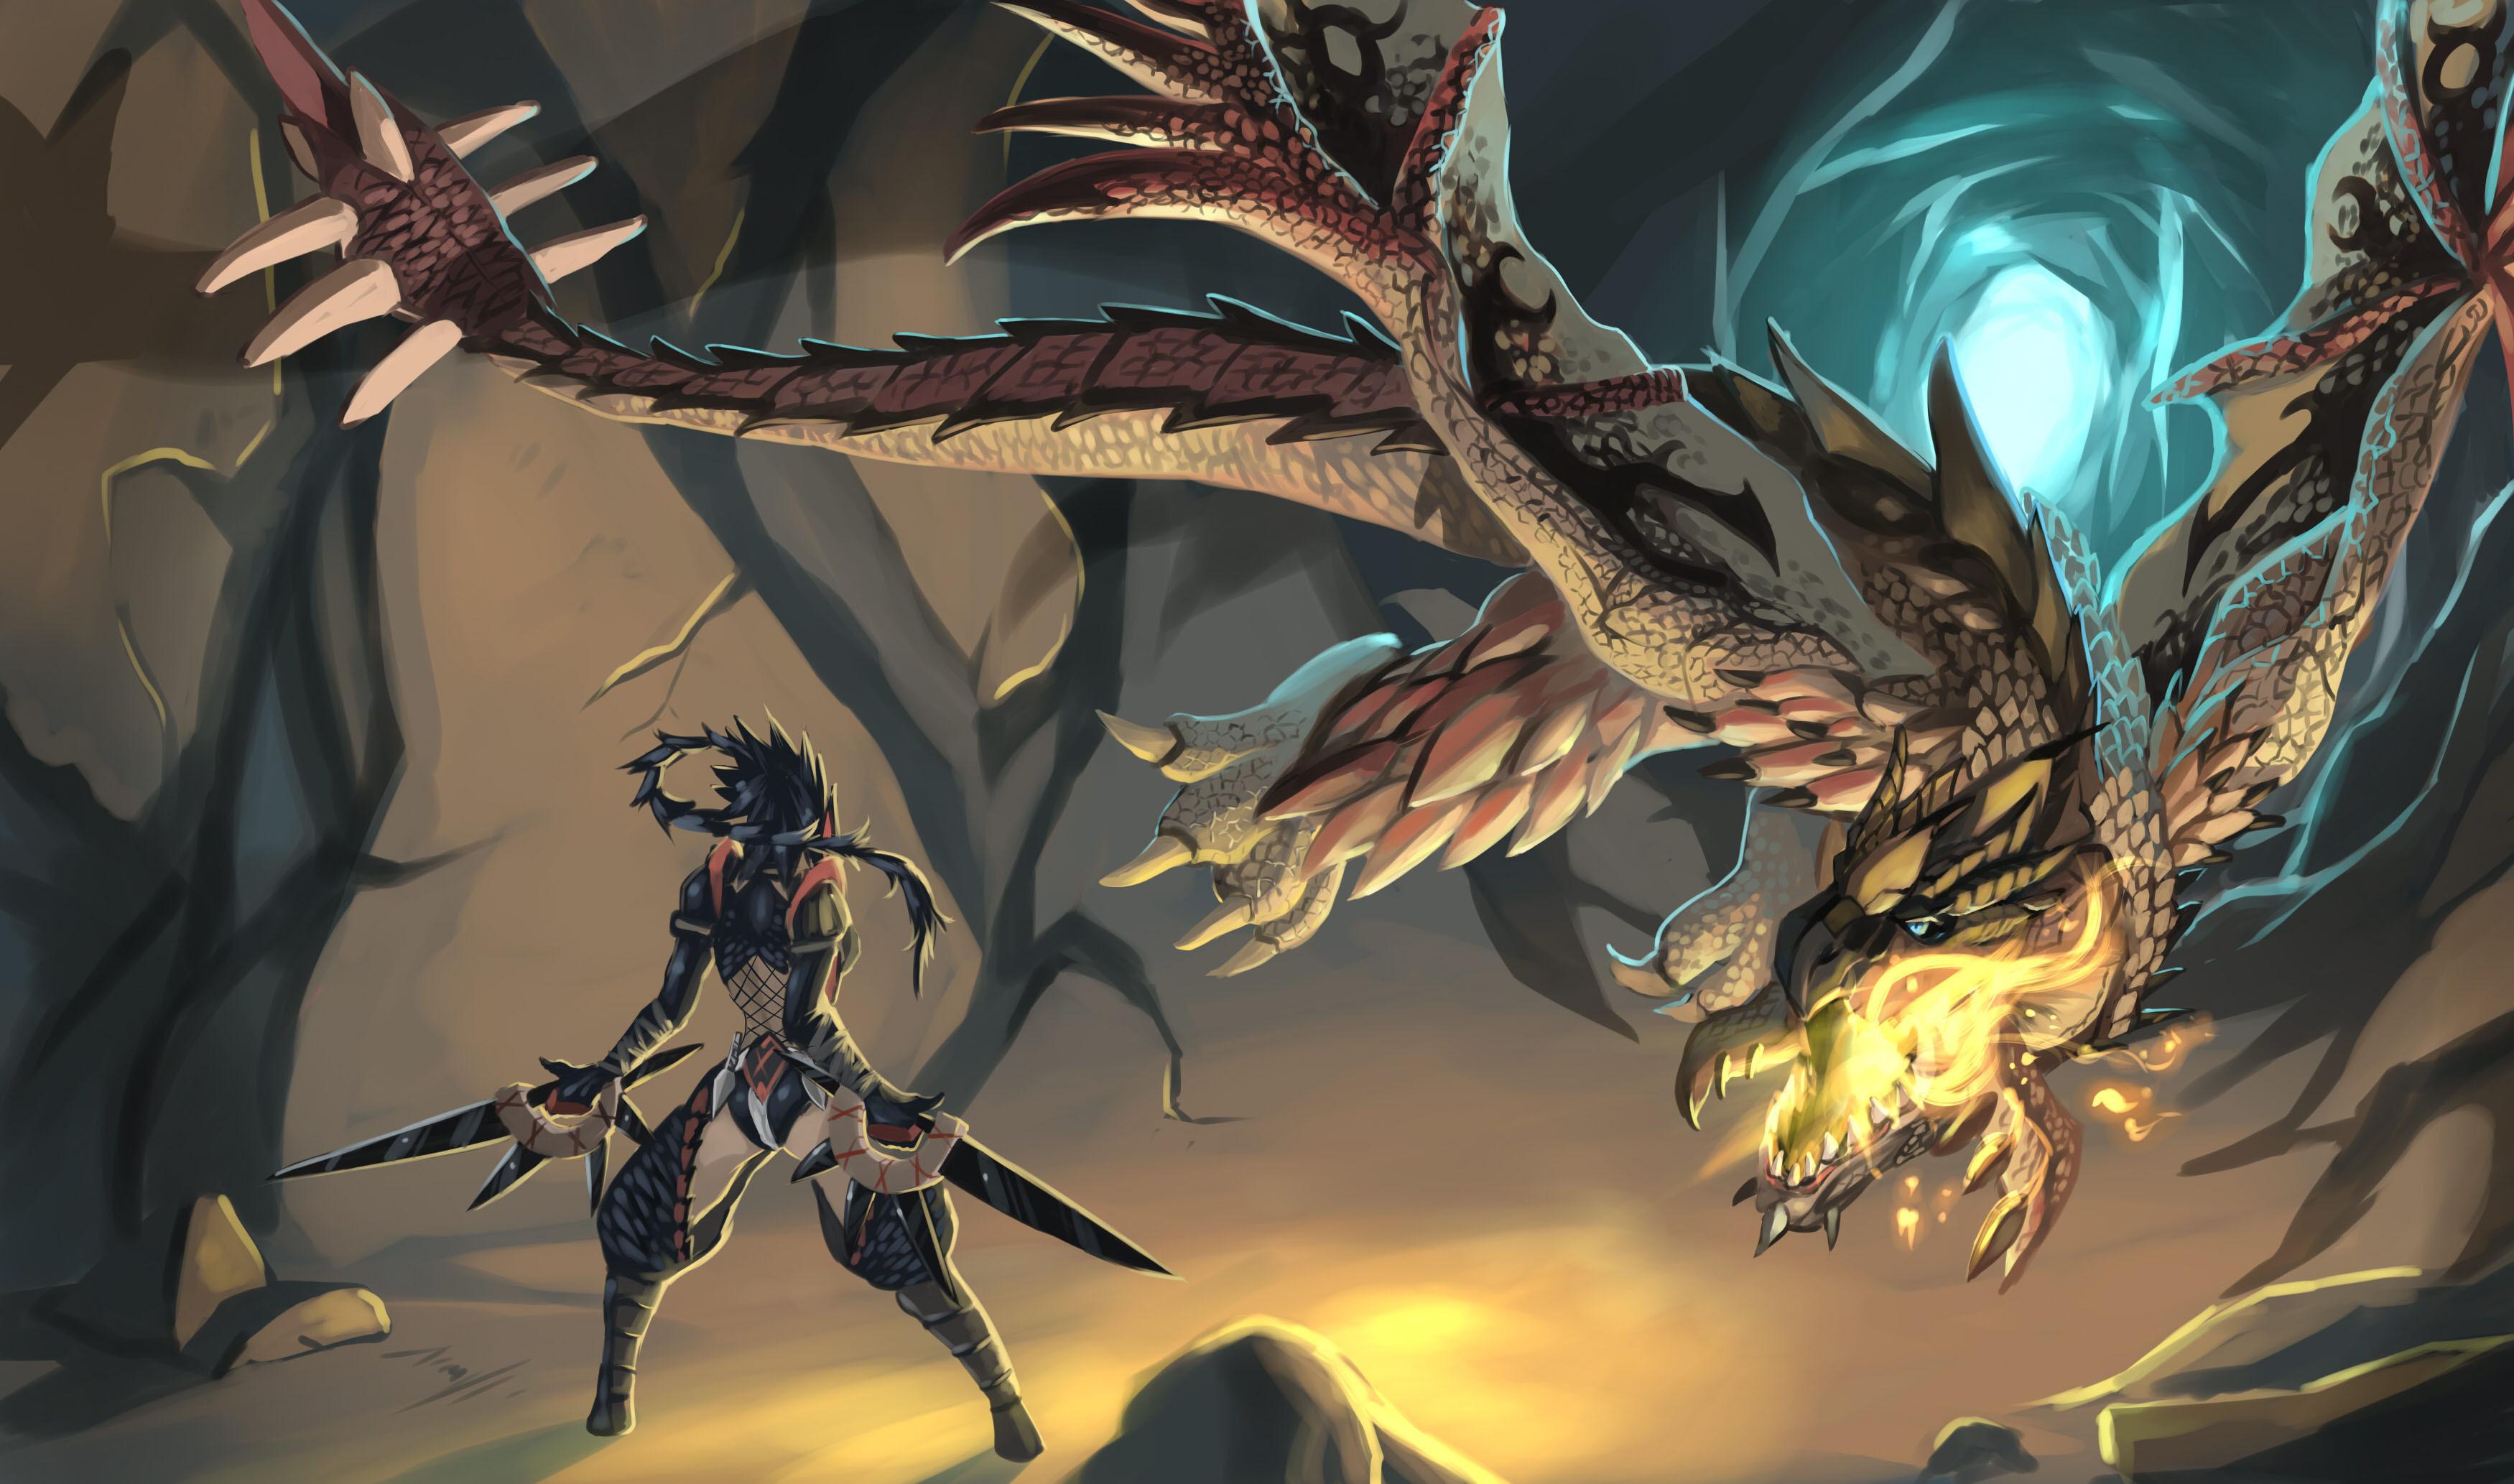 Monster Hunter Anime Wallpaper  3500x2066 34514